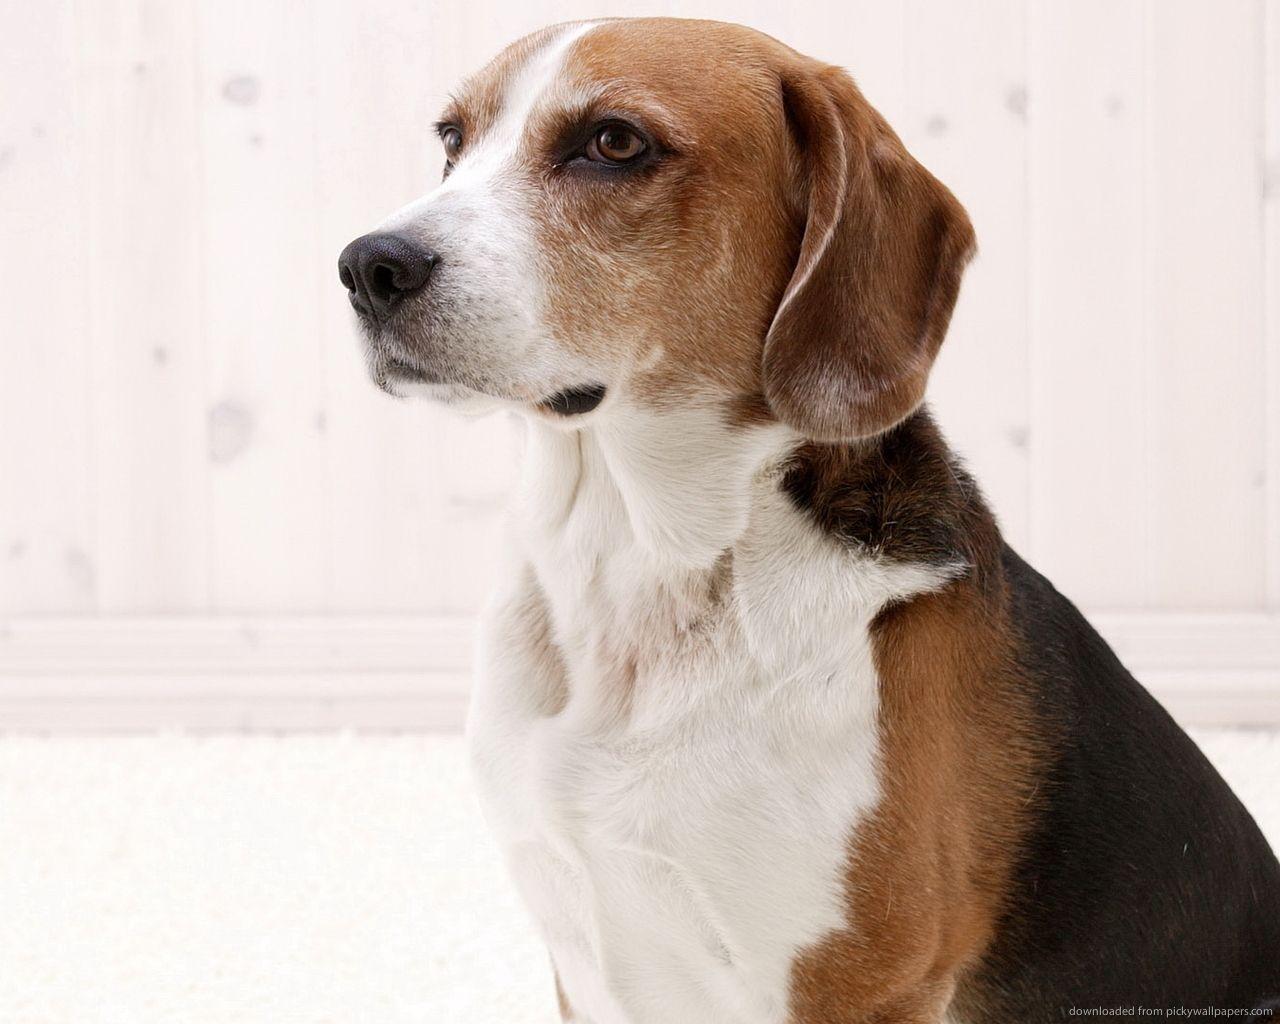 tricolor american foxhound - Google Search | American ...